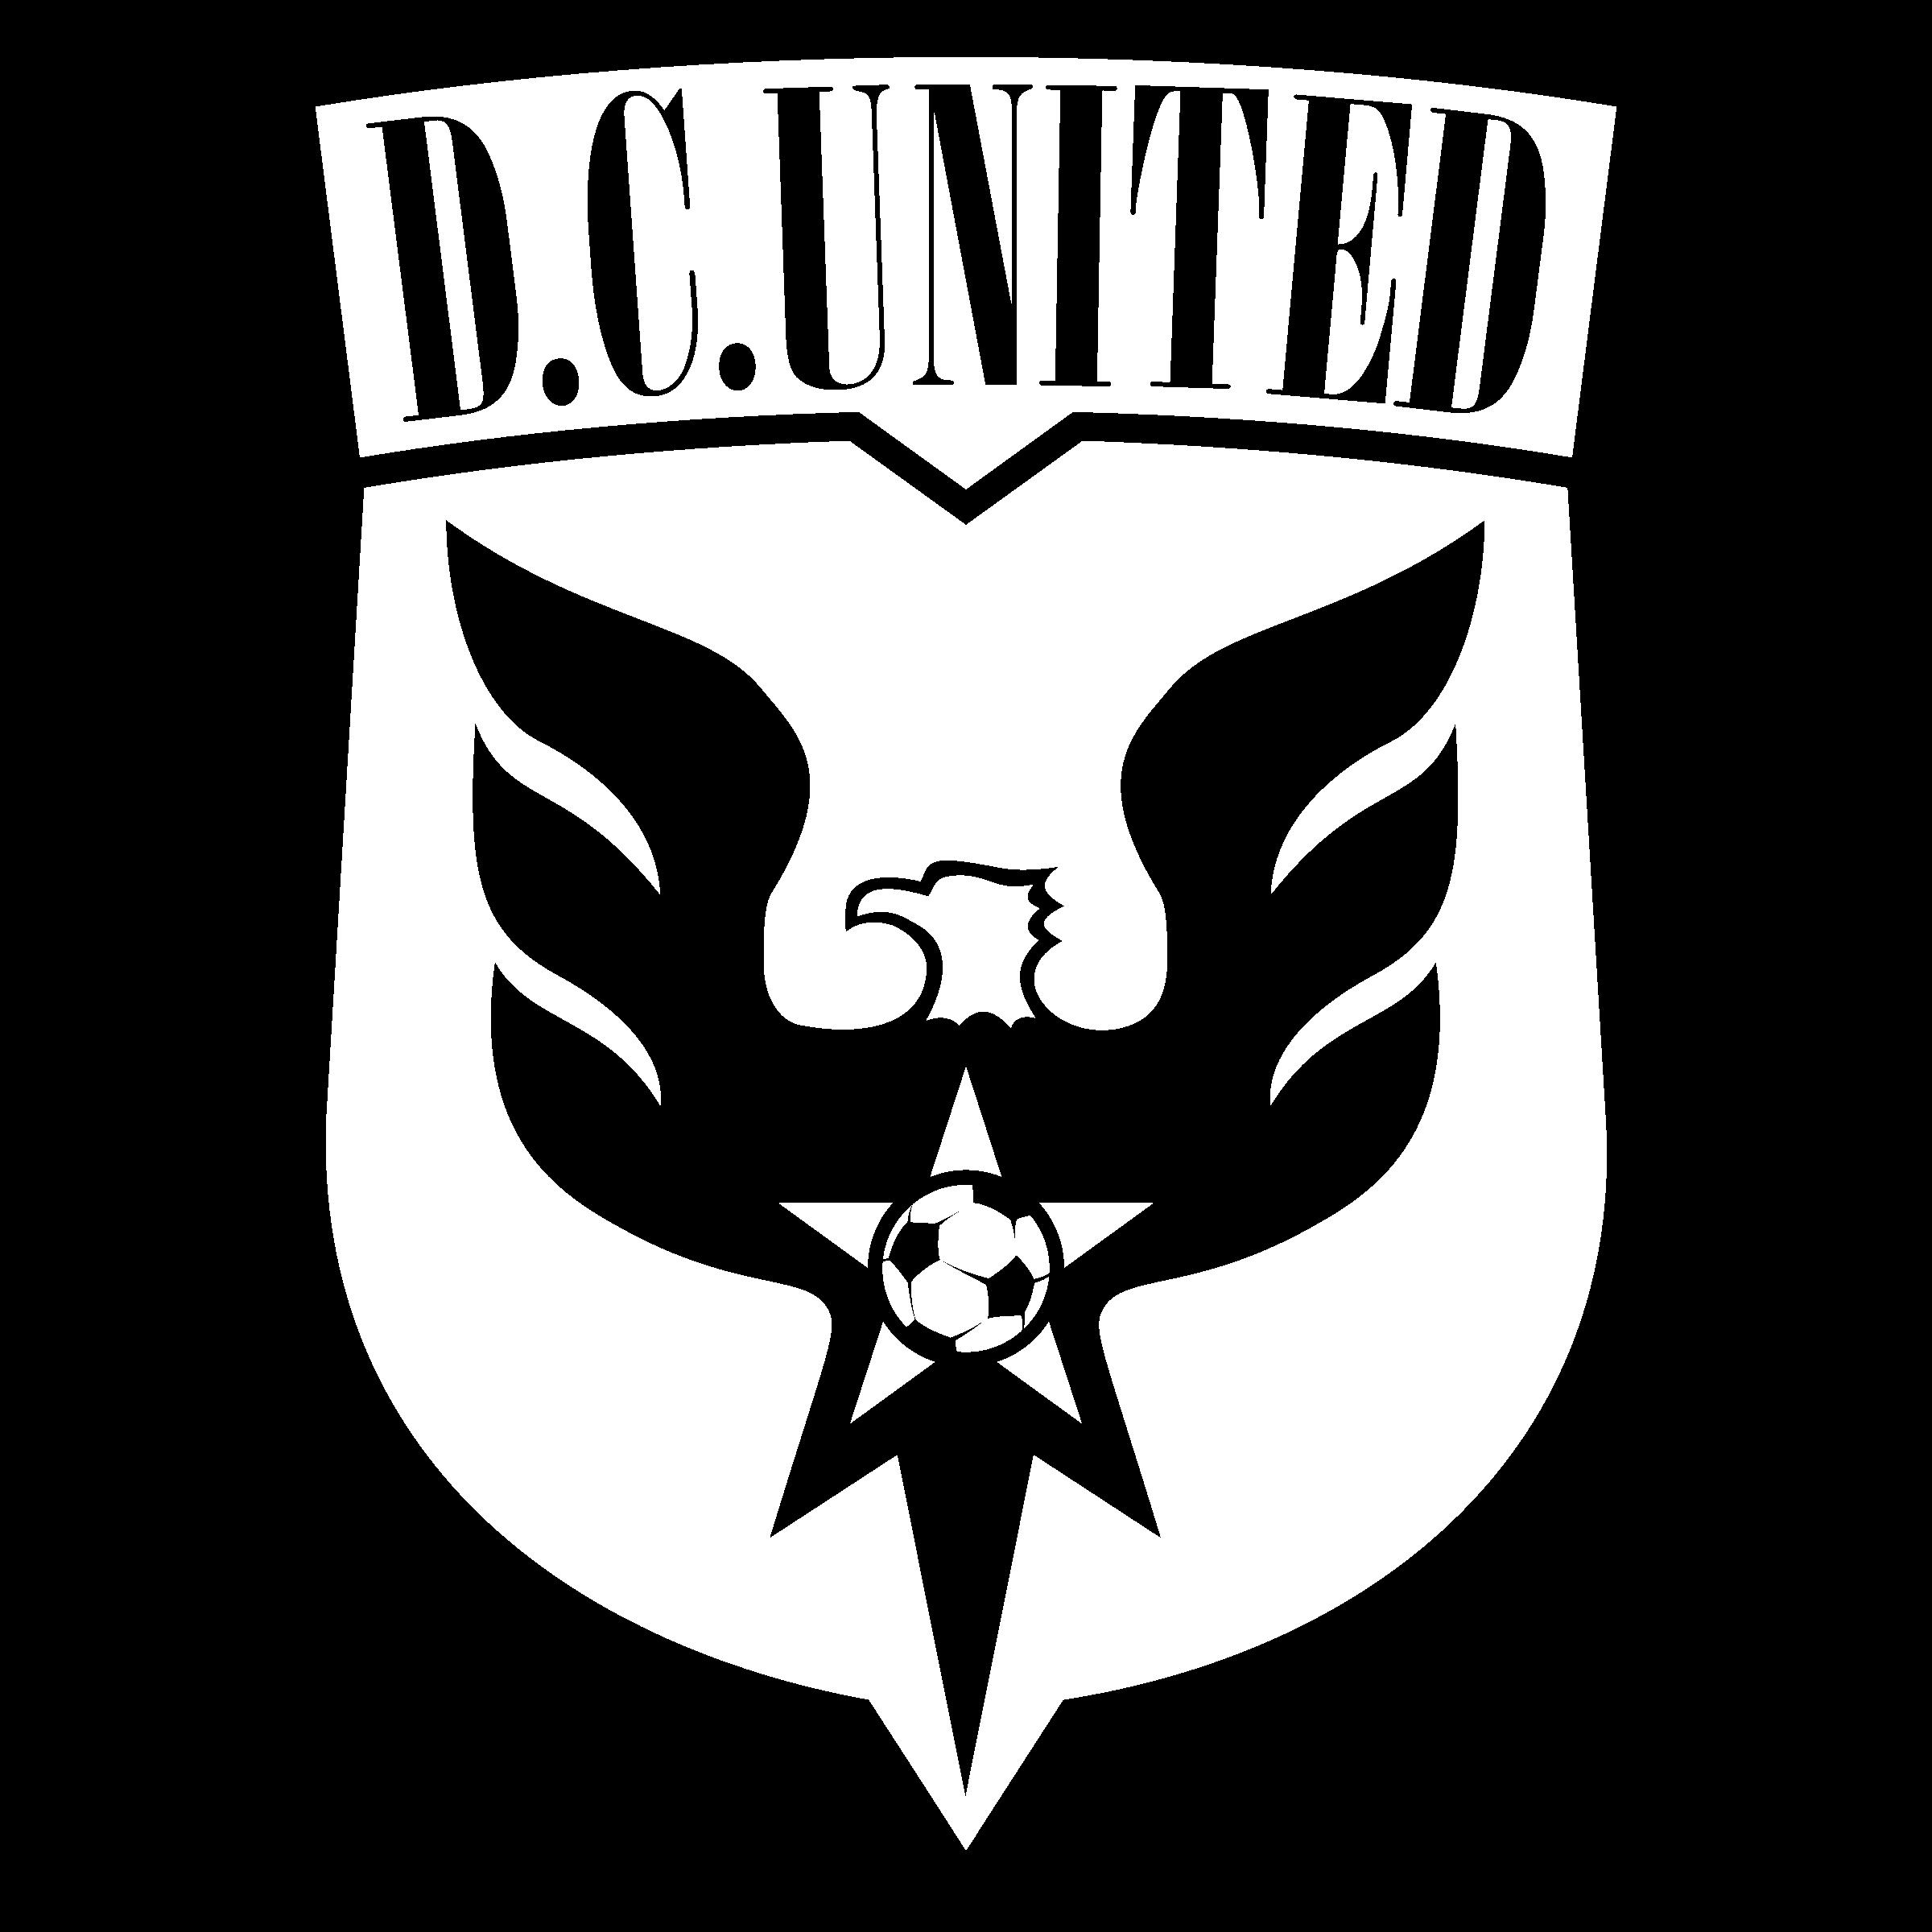 DC United Logo PNG Transparent & SVG Vector